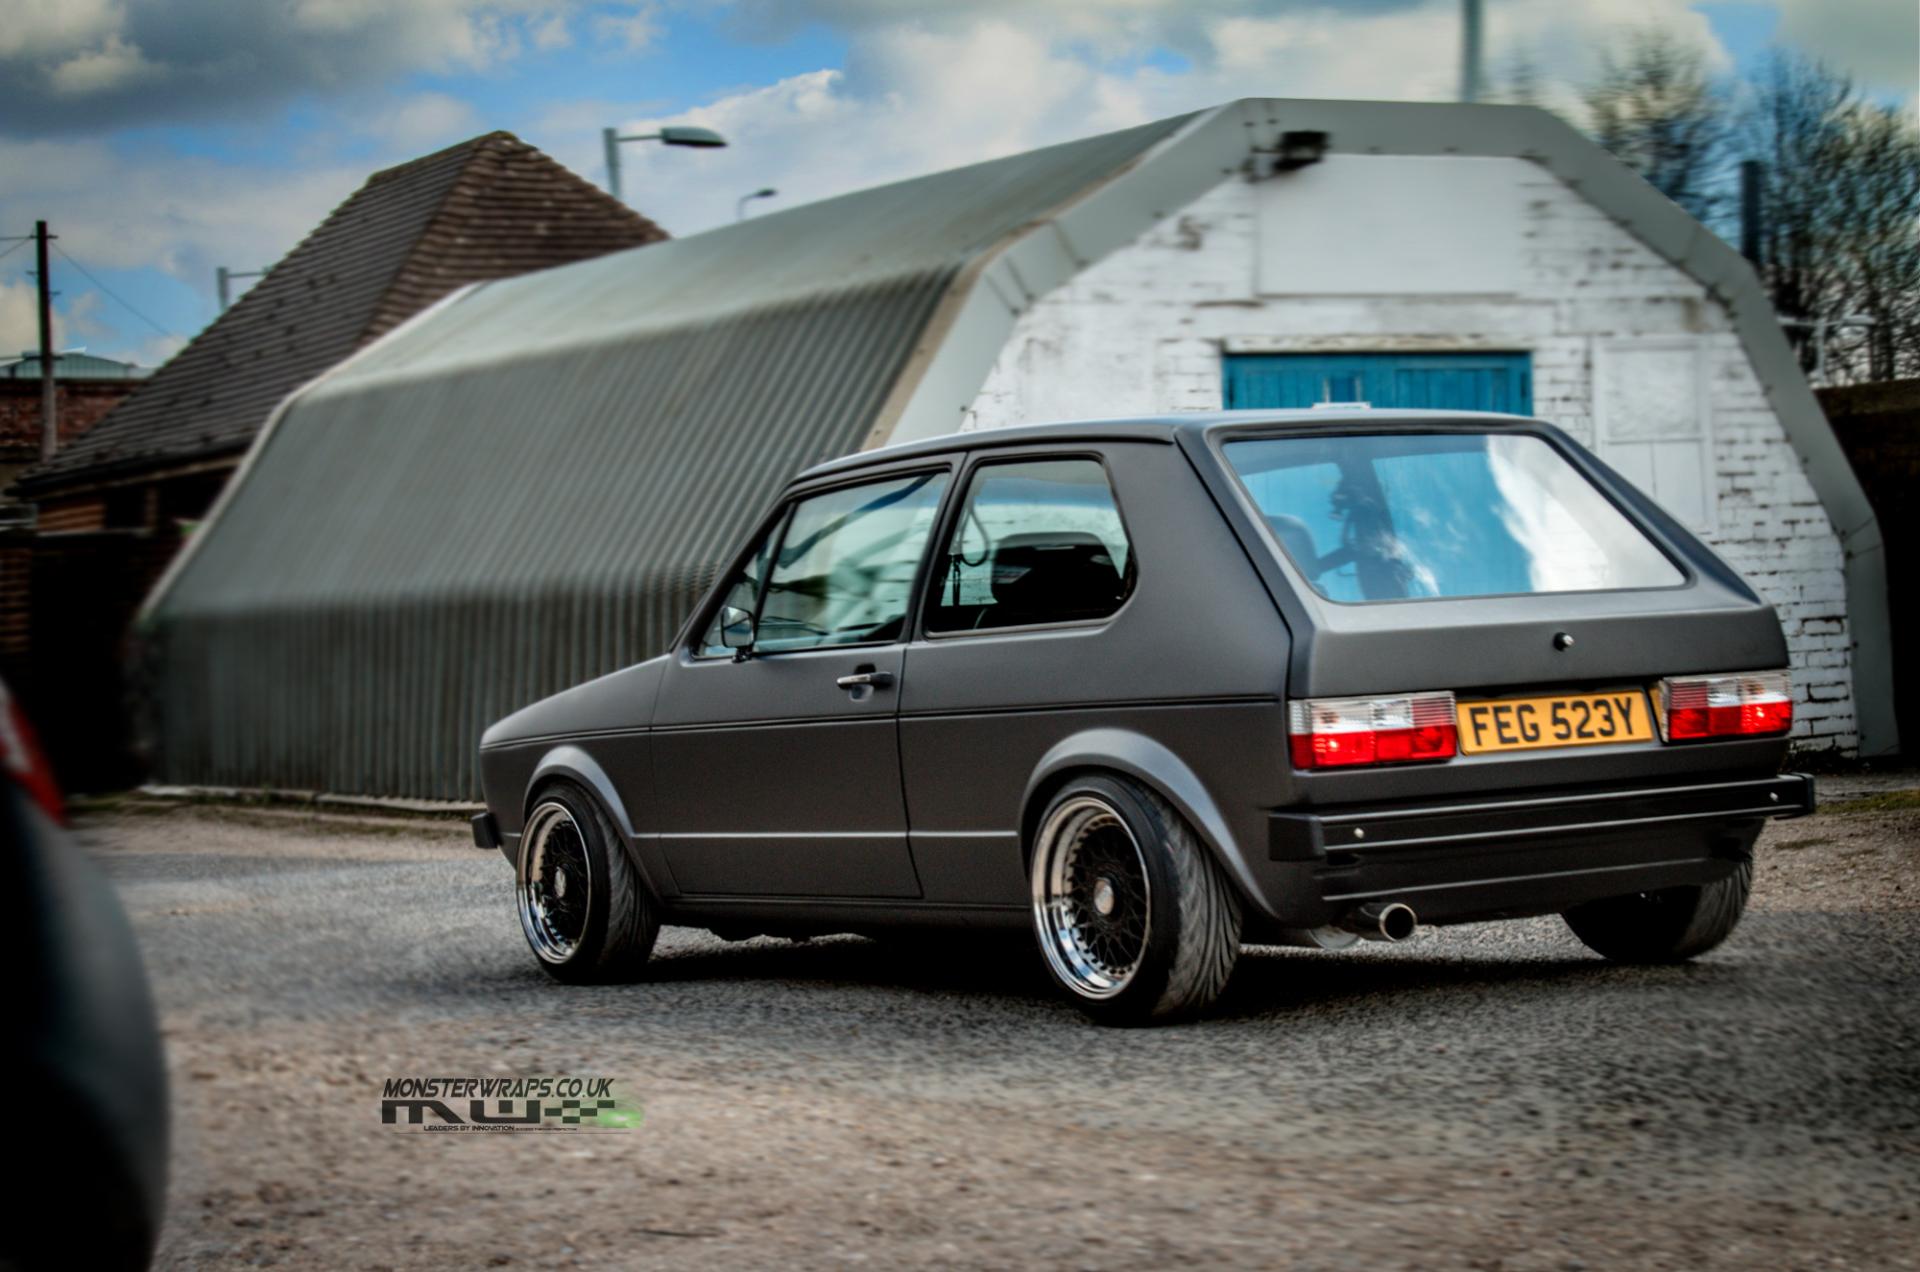 VW Golf mk1 matte dark grey wrap southampton hampshire monsterwraps